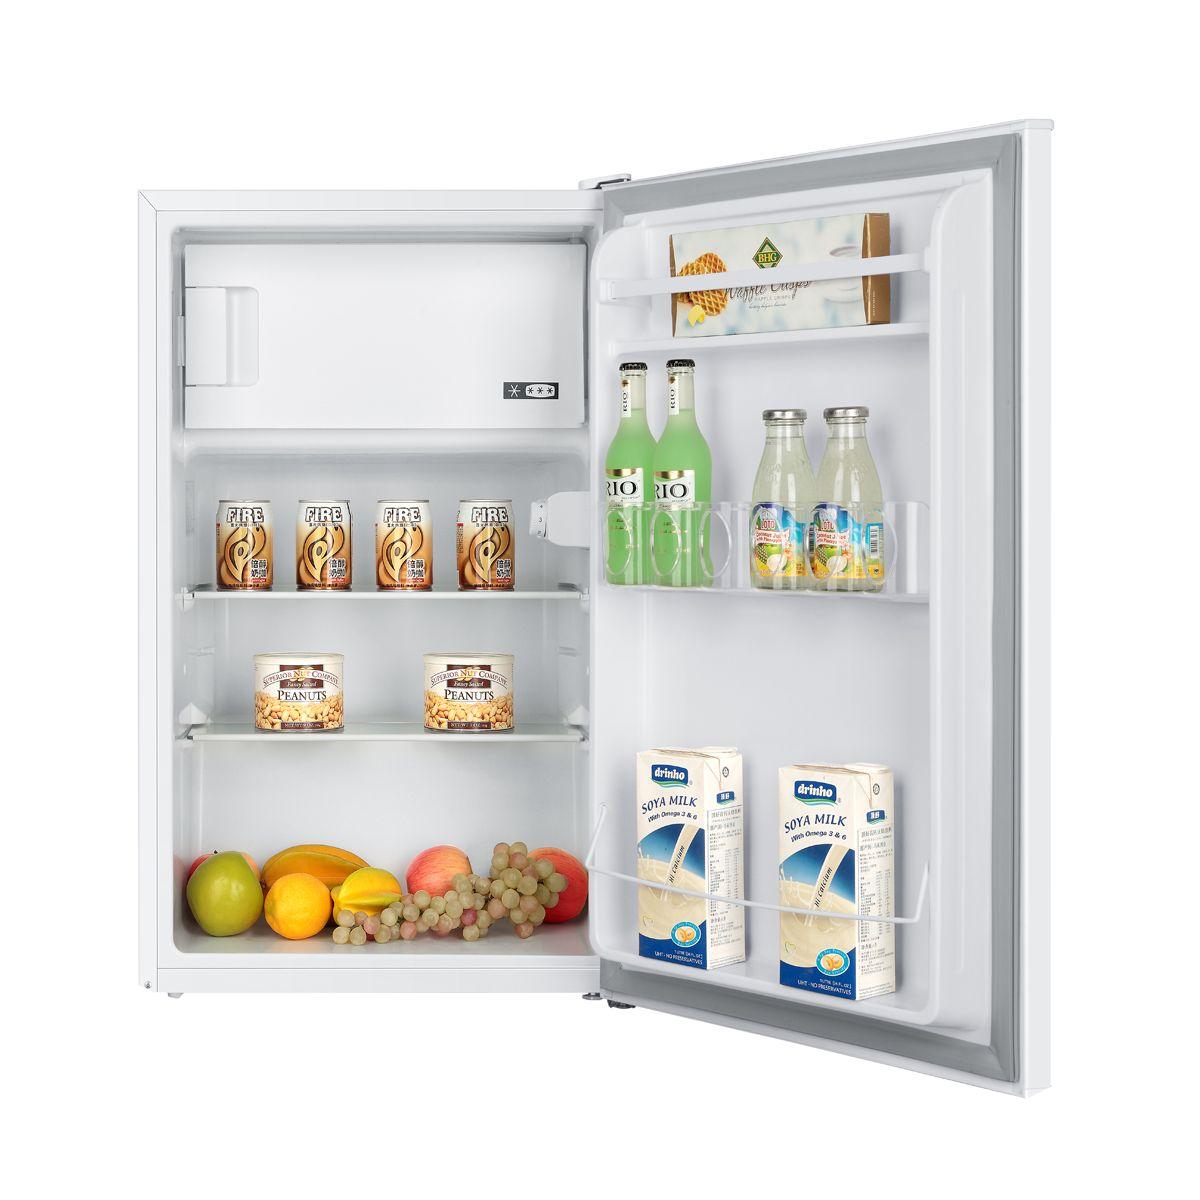 无锡小天鹅冰箱维修费用-性价比高的冰箱